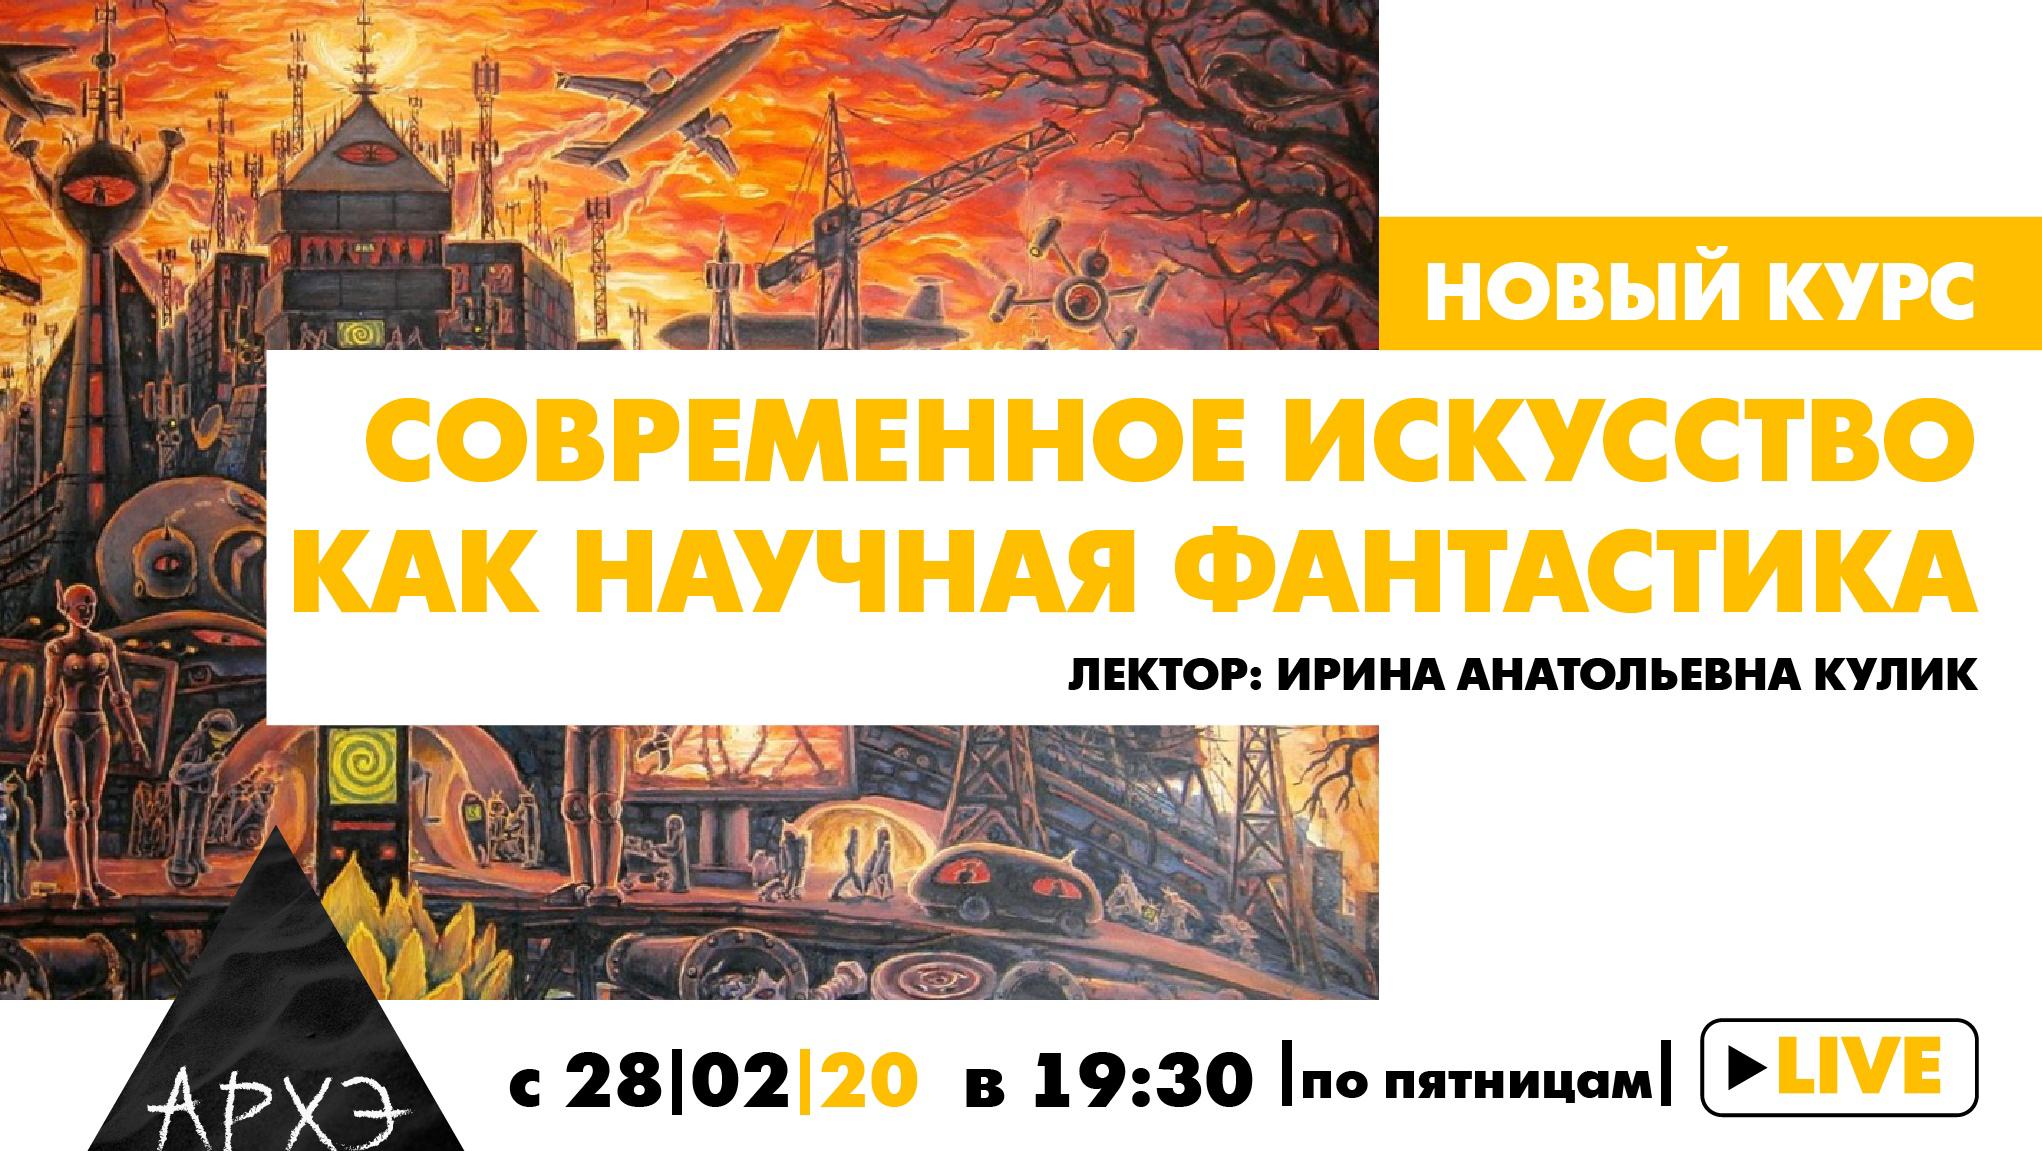 Курс лекций Ирины Кулик «Современное искусство как научная фантастика».